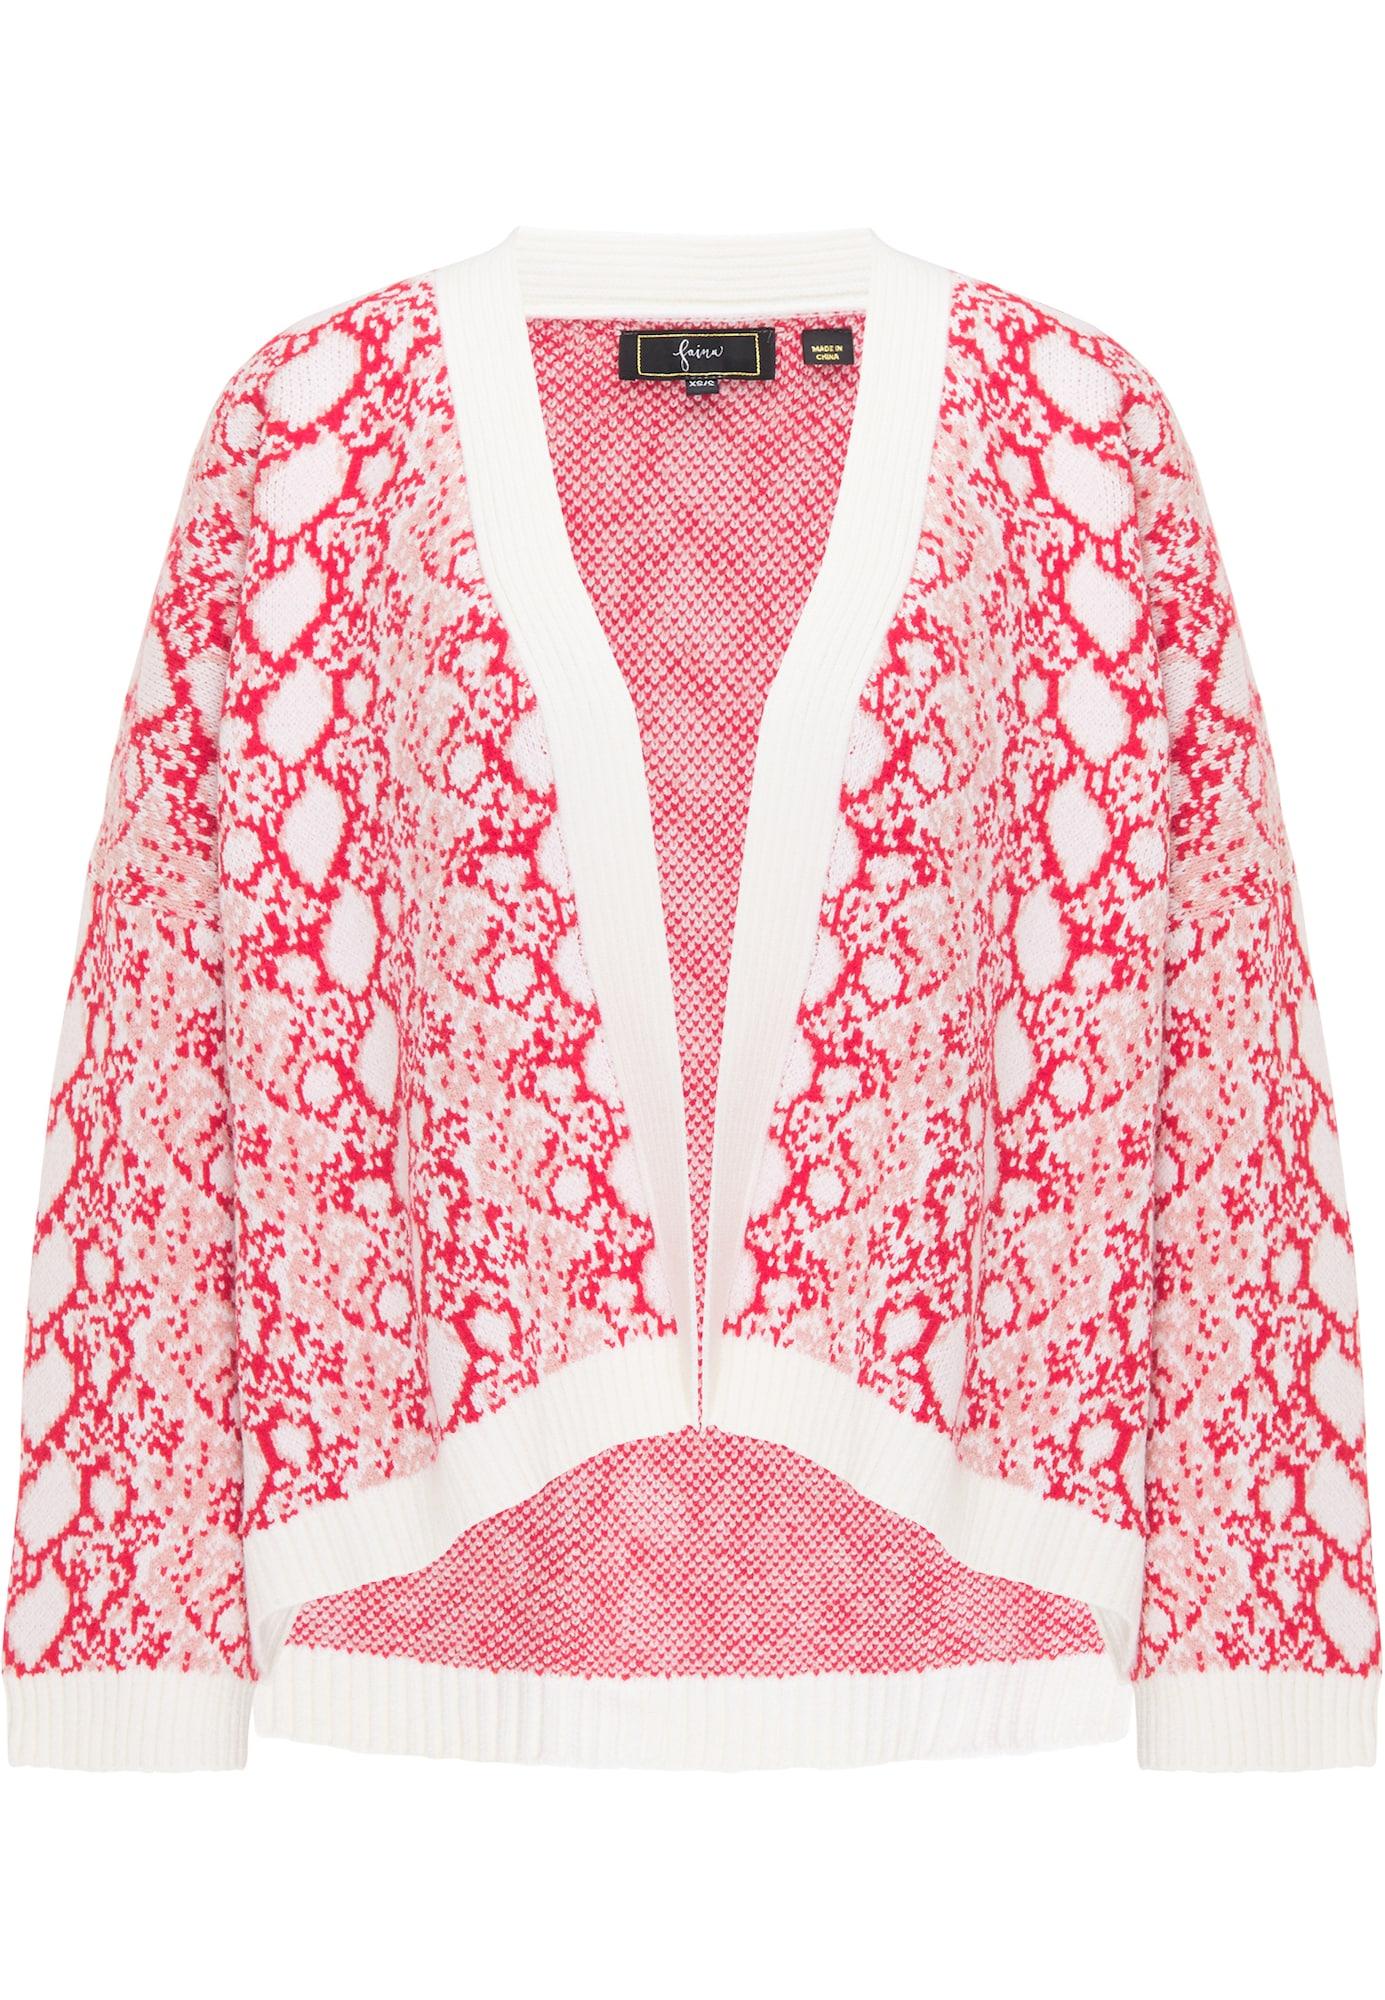 faina Kardiganas ryškiai rožinė spalva / balta / tamsiai rožinė